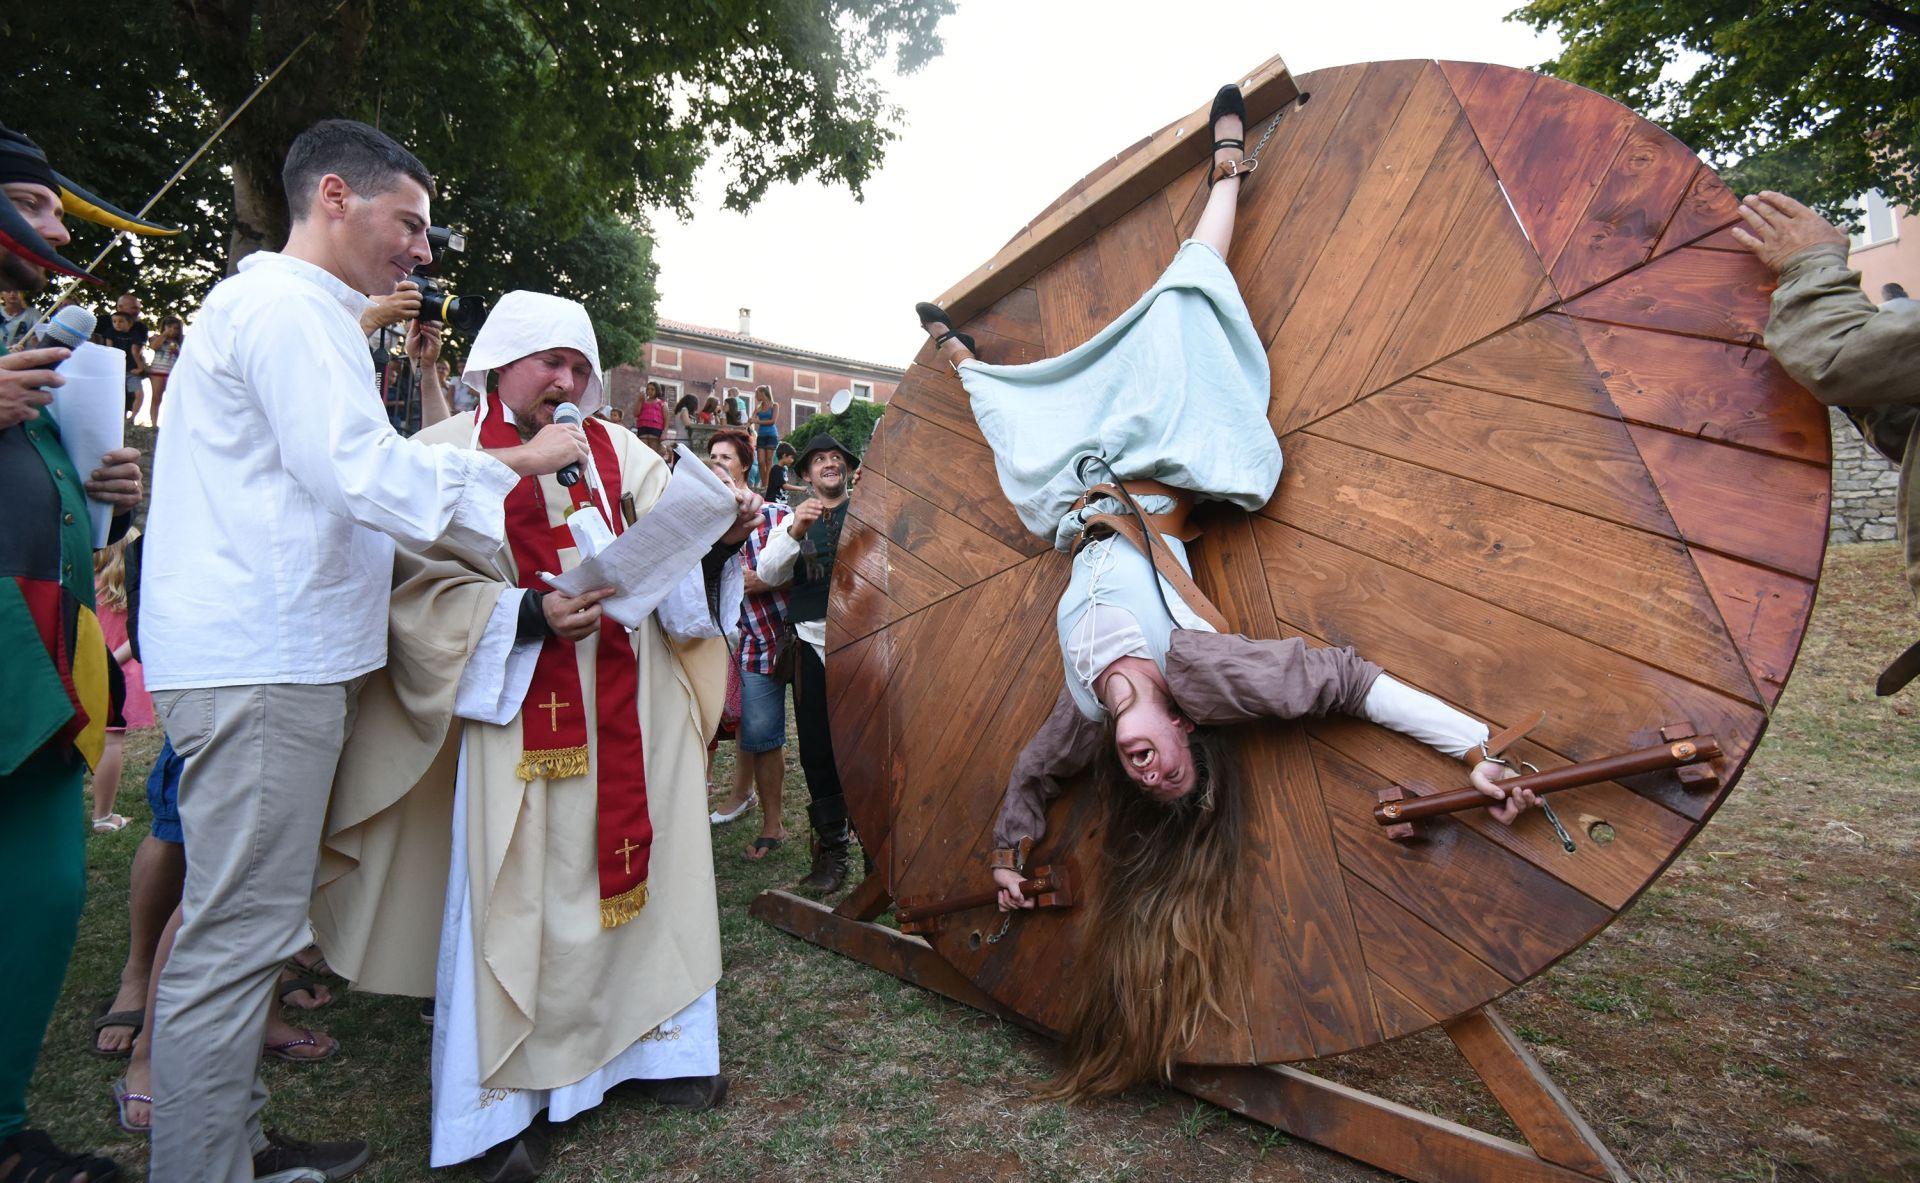 FOTO: ZANIMLJIVE ATRAKCIJE Srednojovjekovni festival u Svetvinčentu